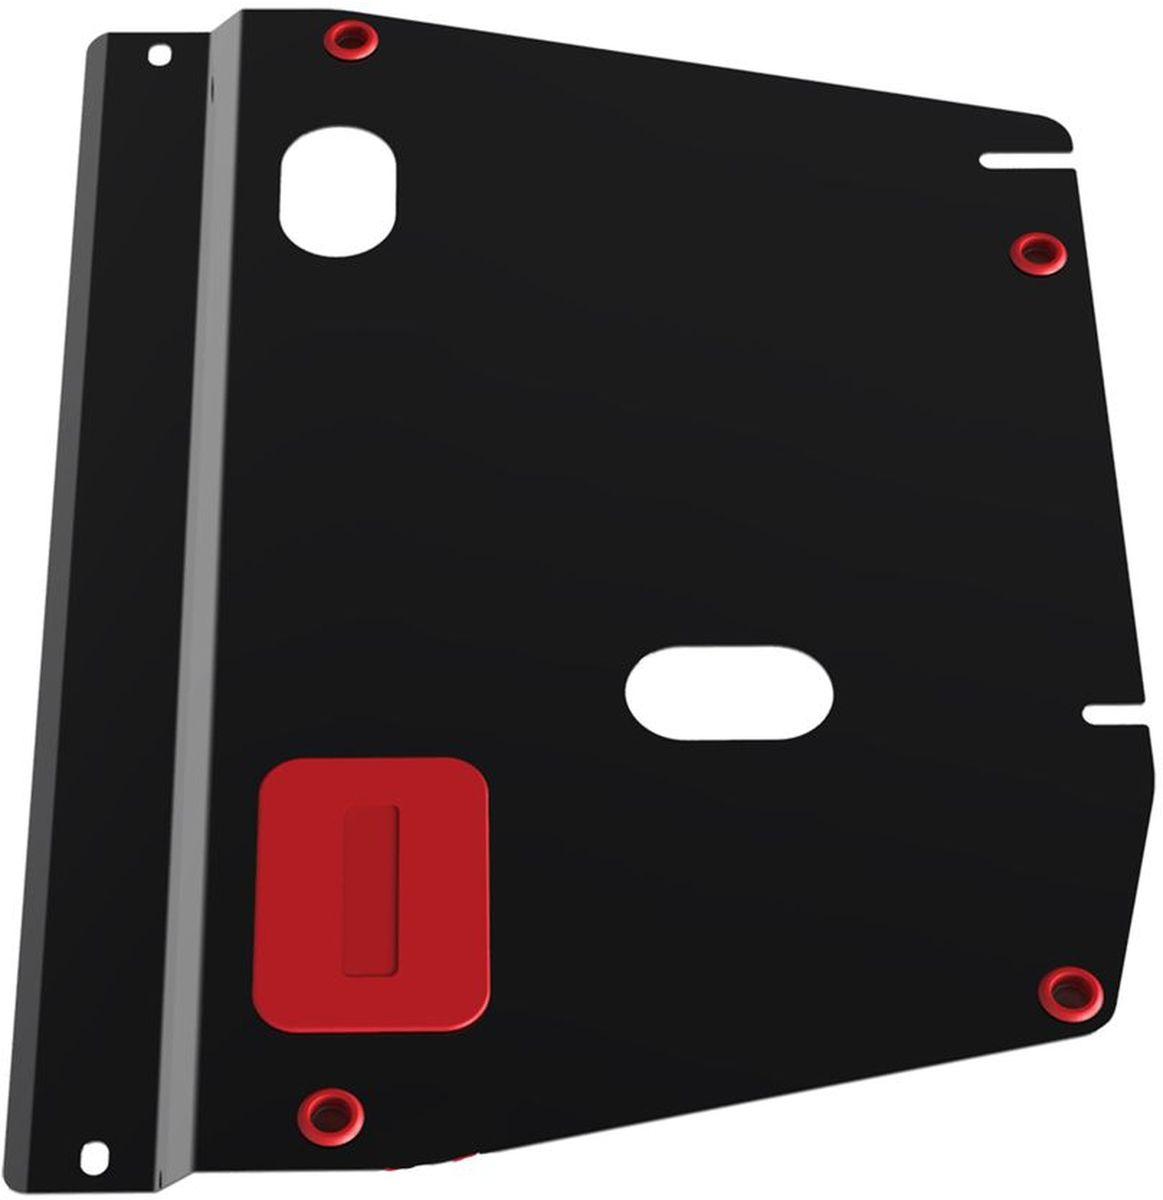 Защита картера и КПП Автоброня, для Honda Civic 4 door. 111.02108.1111.02108.1Технологически совершенный продукт за невысокую стоимость. Защита разработана с учетом особенностей днища автомобиля, что позволяет сохранить дорожный просвет с минимальным изменением. Защита устанавливается в штатные места кузова автомобиля. Глубокий штамп обеспечивает до двух раз больше жесткости в сравнении с обычной защитой той же толщины. Проштампованные ребра жесткости препятствуют деформации защиты при ударах. Тепловой зазор и вентиляционные отверстия обеспечивают сохранение температурного режима двигателя в норме. Скрытый крепеж предотвращает срыв крепежных элементов при наезде на препятствие. Шумопоглощающие резиновые элементы обеспечивают комфортную езду без вибраций и скрежета металла, а съемные лючки для слива масла и замены фильтра - экономию средств и время. Конструкция изделия не влияет на пассивную безопасность автомобиля (при ударе защита не воздействует на деформационные зоны кузова). Со штатным крепежом. В комплекте инструкция по...